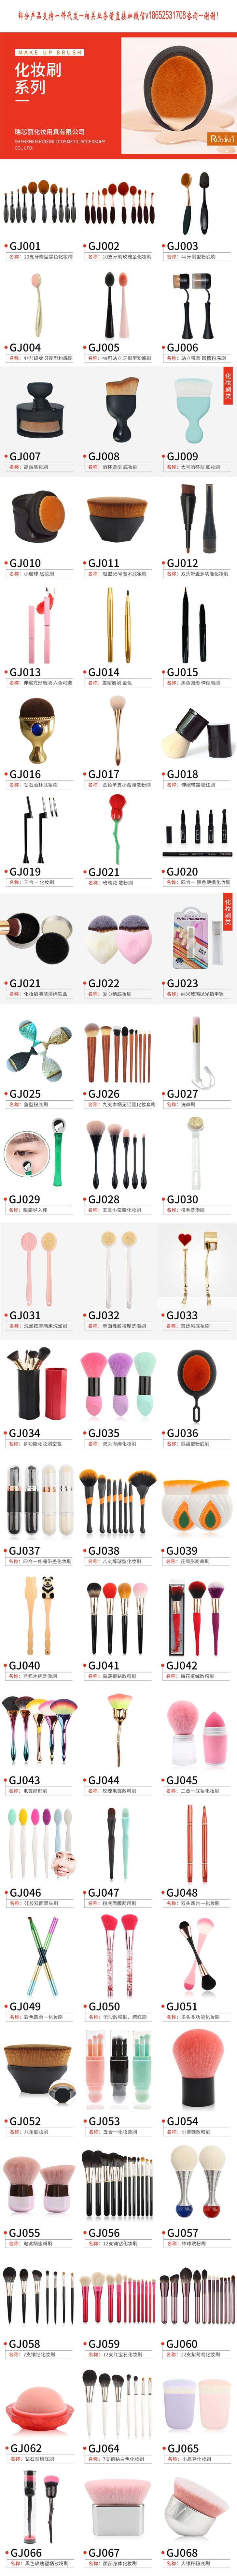 专业化妆刷生产商_化妆品包装相关-深圳市瑞芯丽化妆用具有限公司